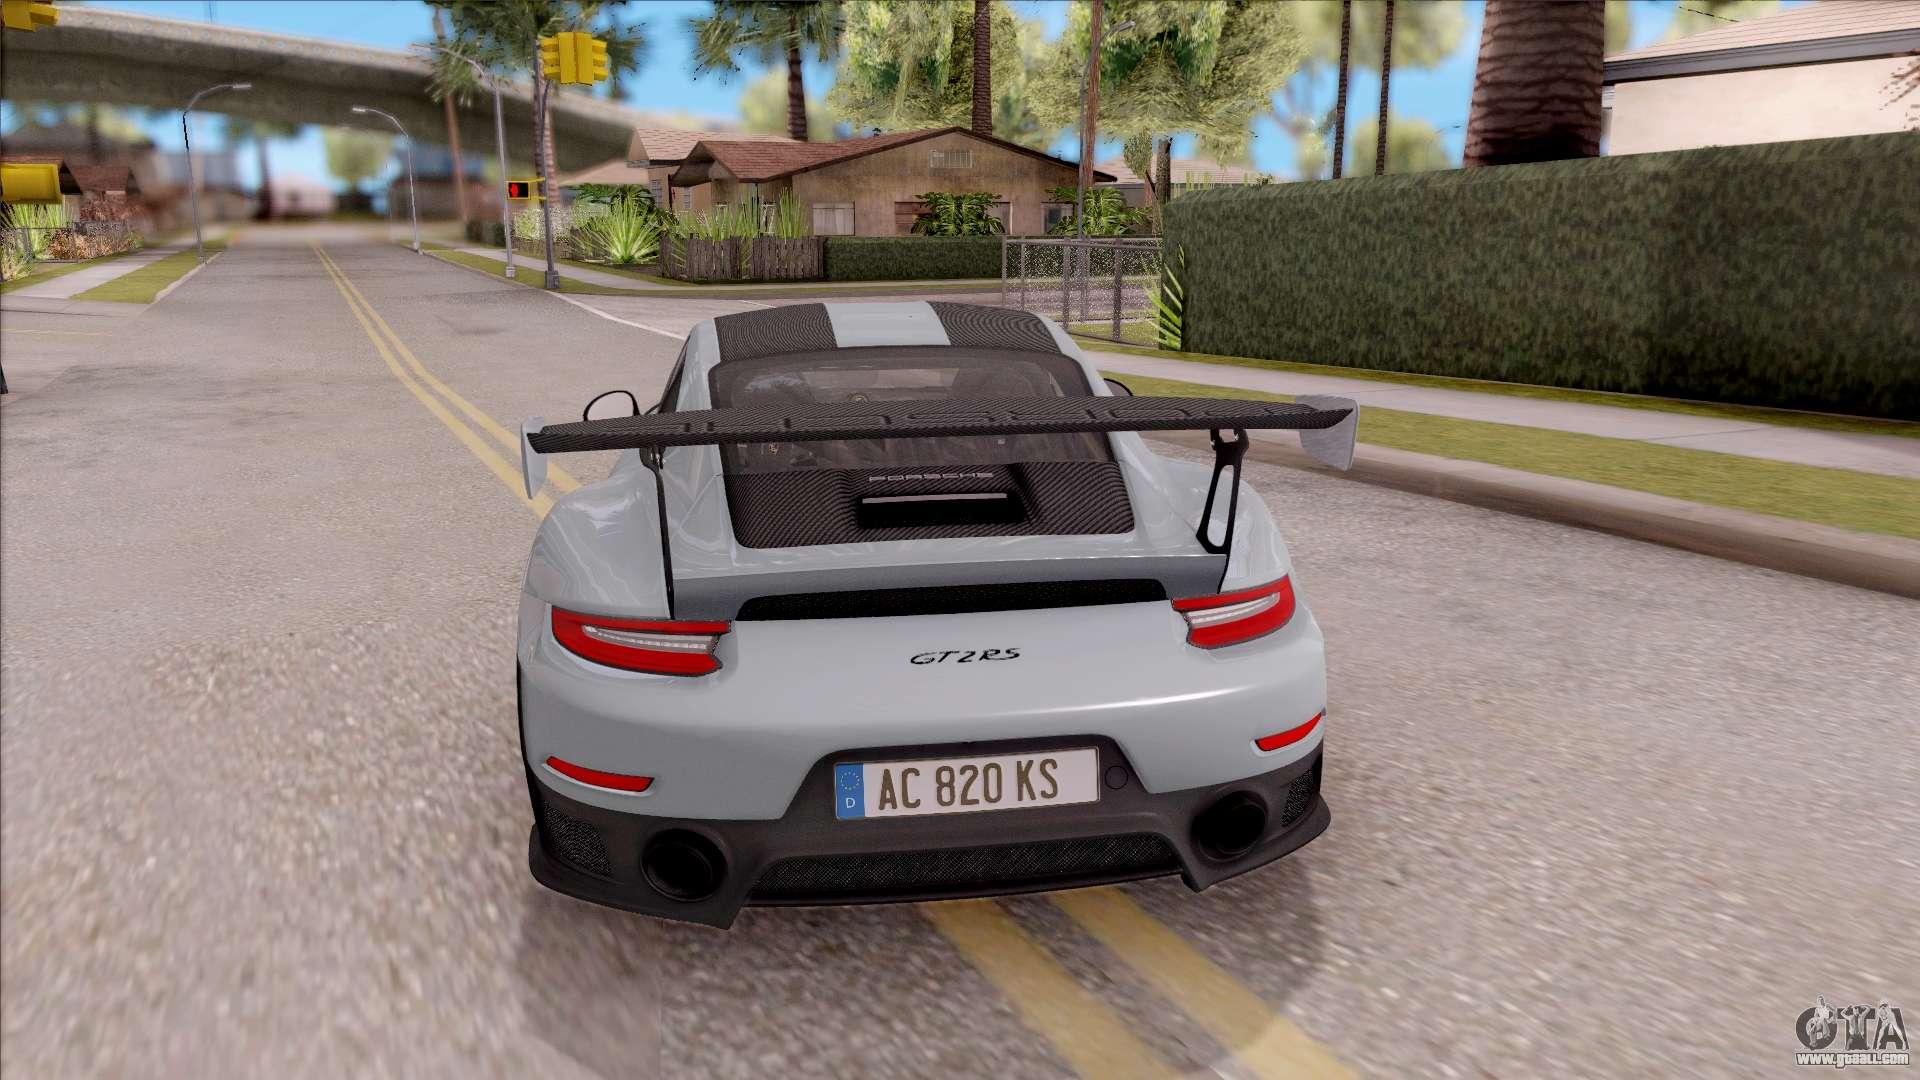 418325-enb2017-7-10-5-14-58 Remarkable Porsche 911 Gt2 Xbox 360 Cars Trend